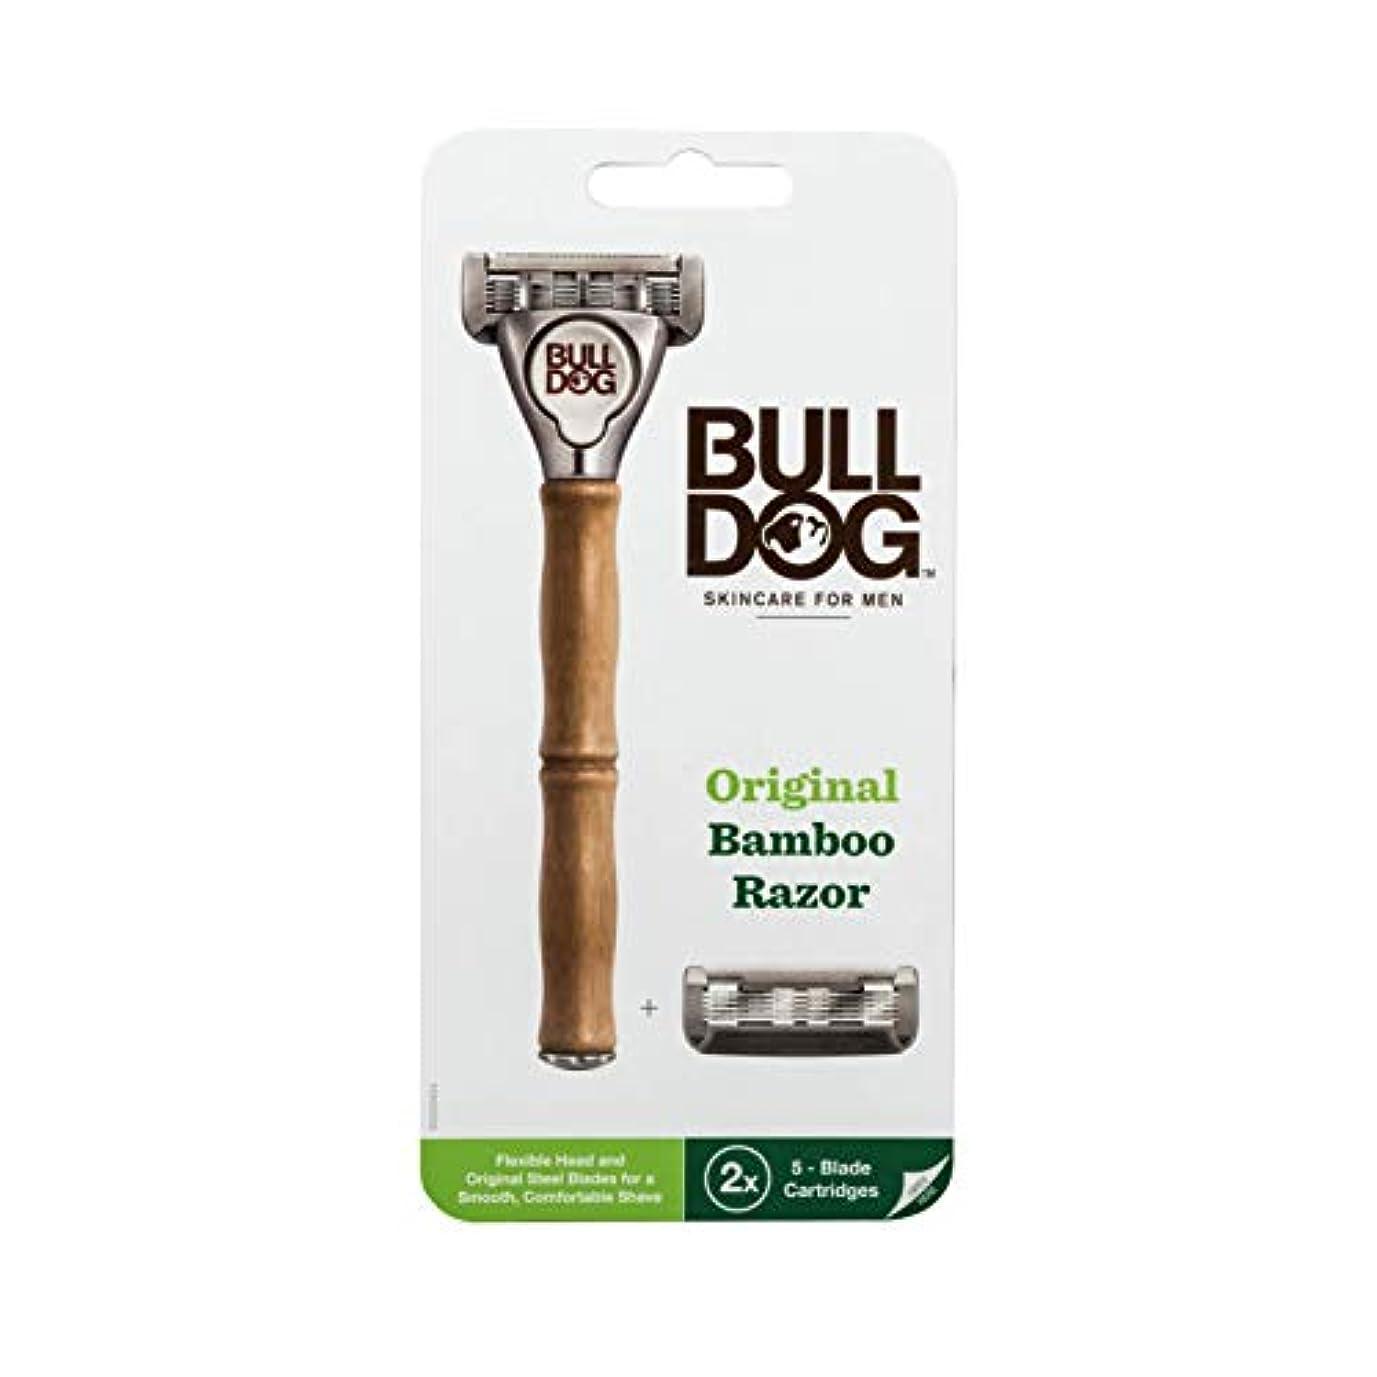 休眠クレア組立ブルドッグ Bulldog 5枚刃 オリジナルバンブーホルダー 水に強い竹製ハンドル 替刃 2コ付 男性カミソリ